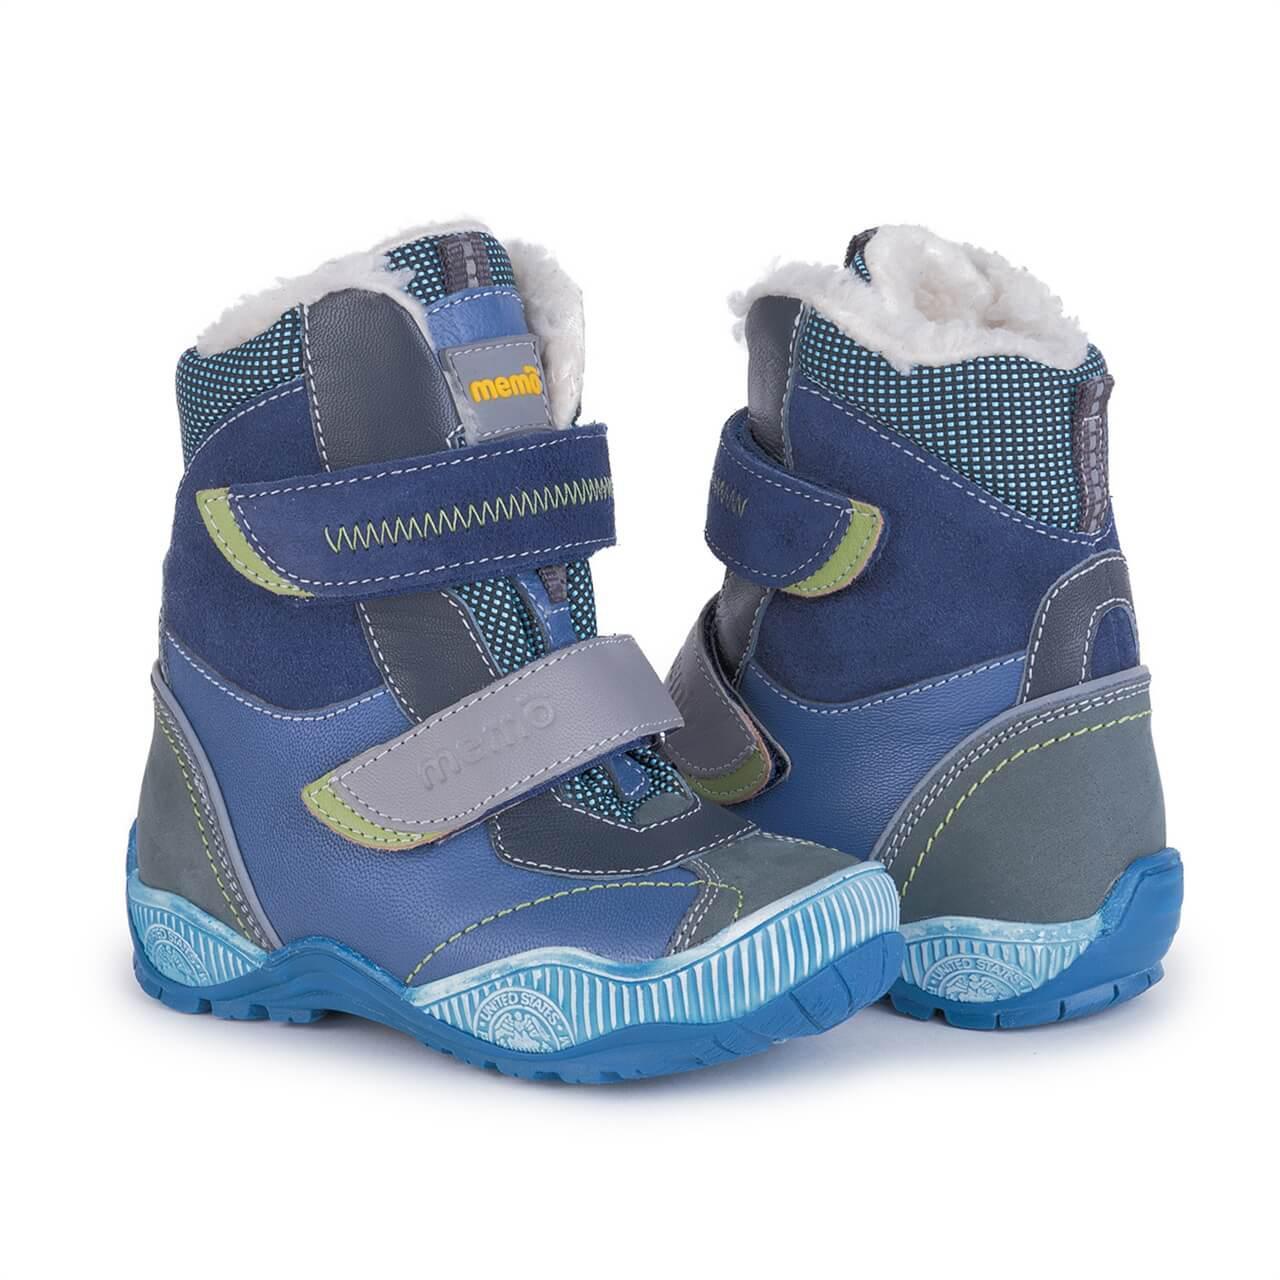 Купить Зимние ортопедические ботинки для детей Memo Aspen 1DA синие 27